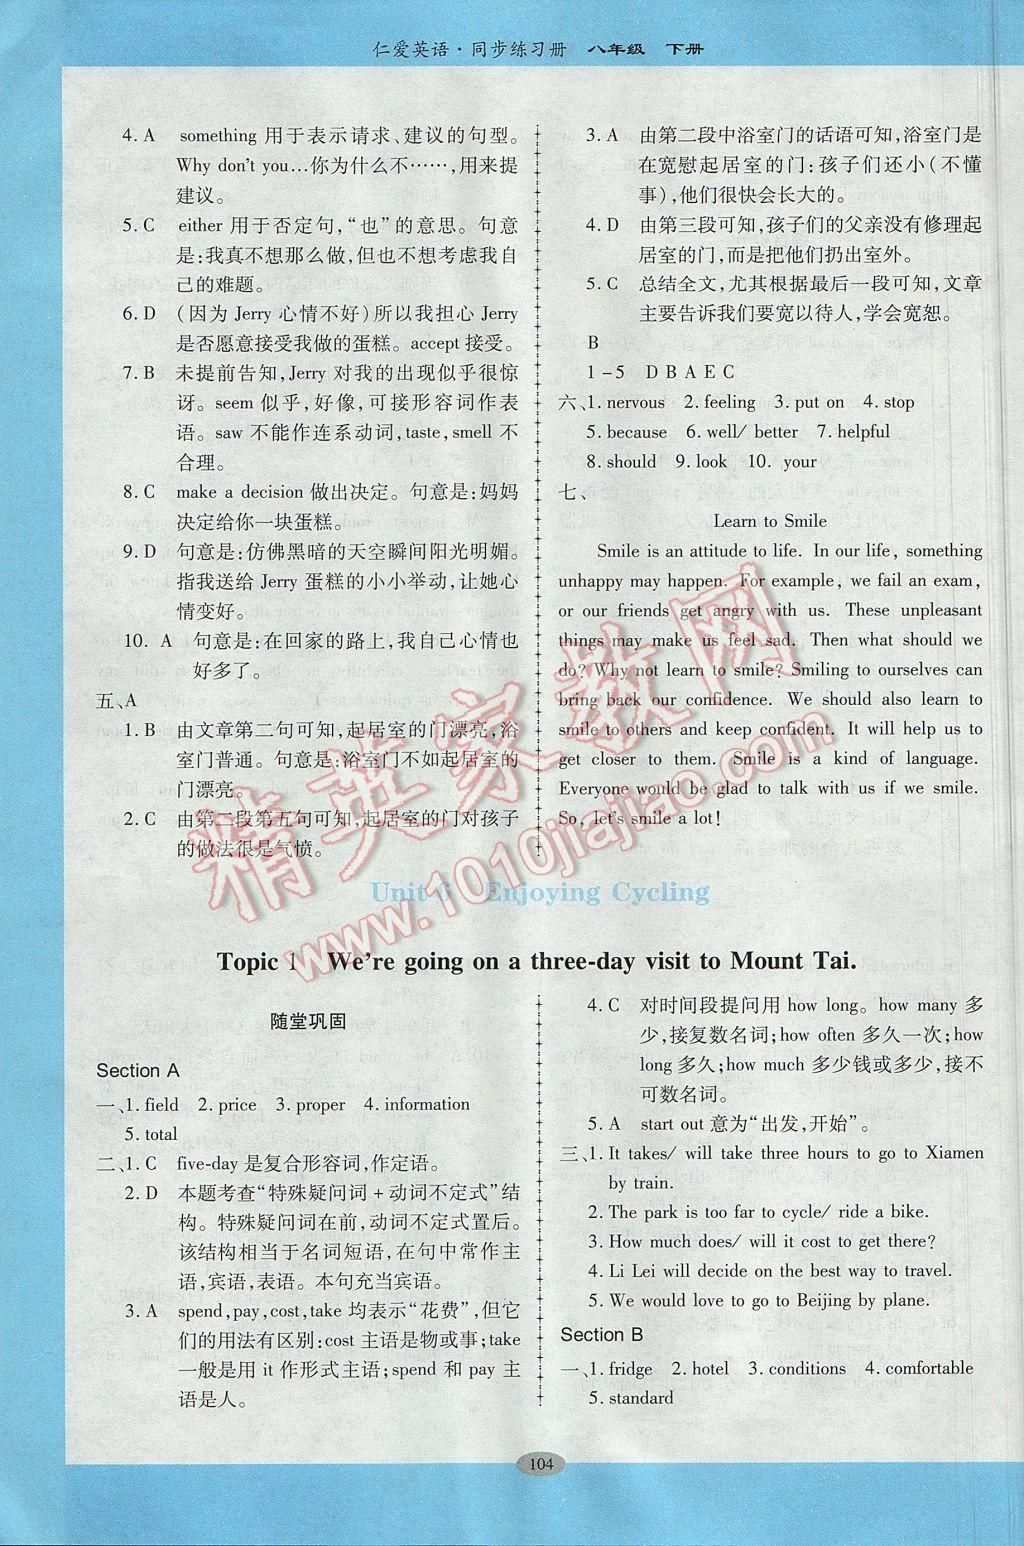 2017年仁爱英语同步练习册八年级下册双色版参考答案第7页